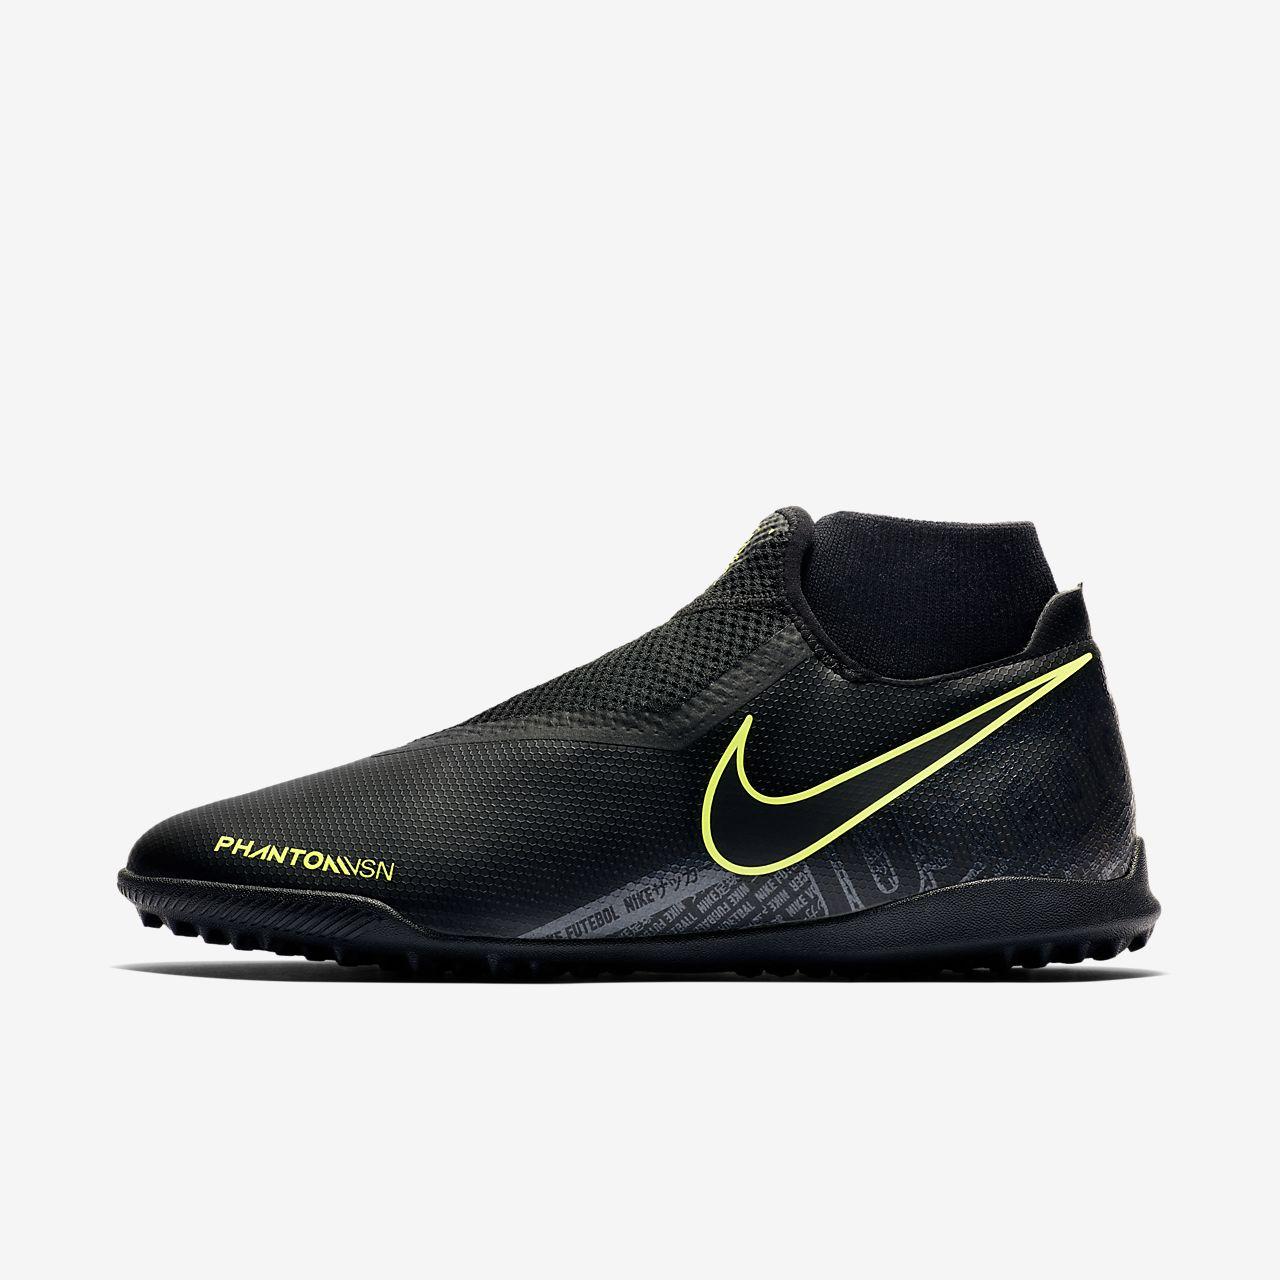 Ποδοσφαιρικό παπούτσι για τεχνητό χλοοτάπητα Nike Phantom Vision Academy Dynamic Fit TF